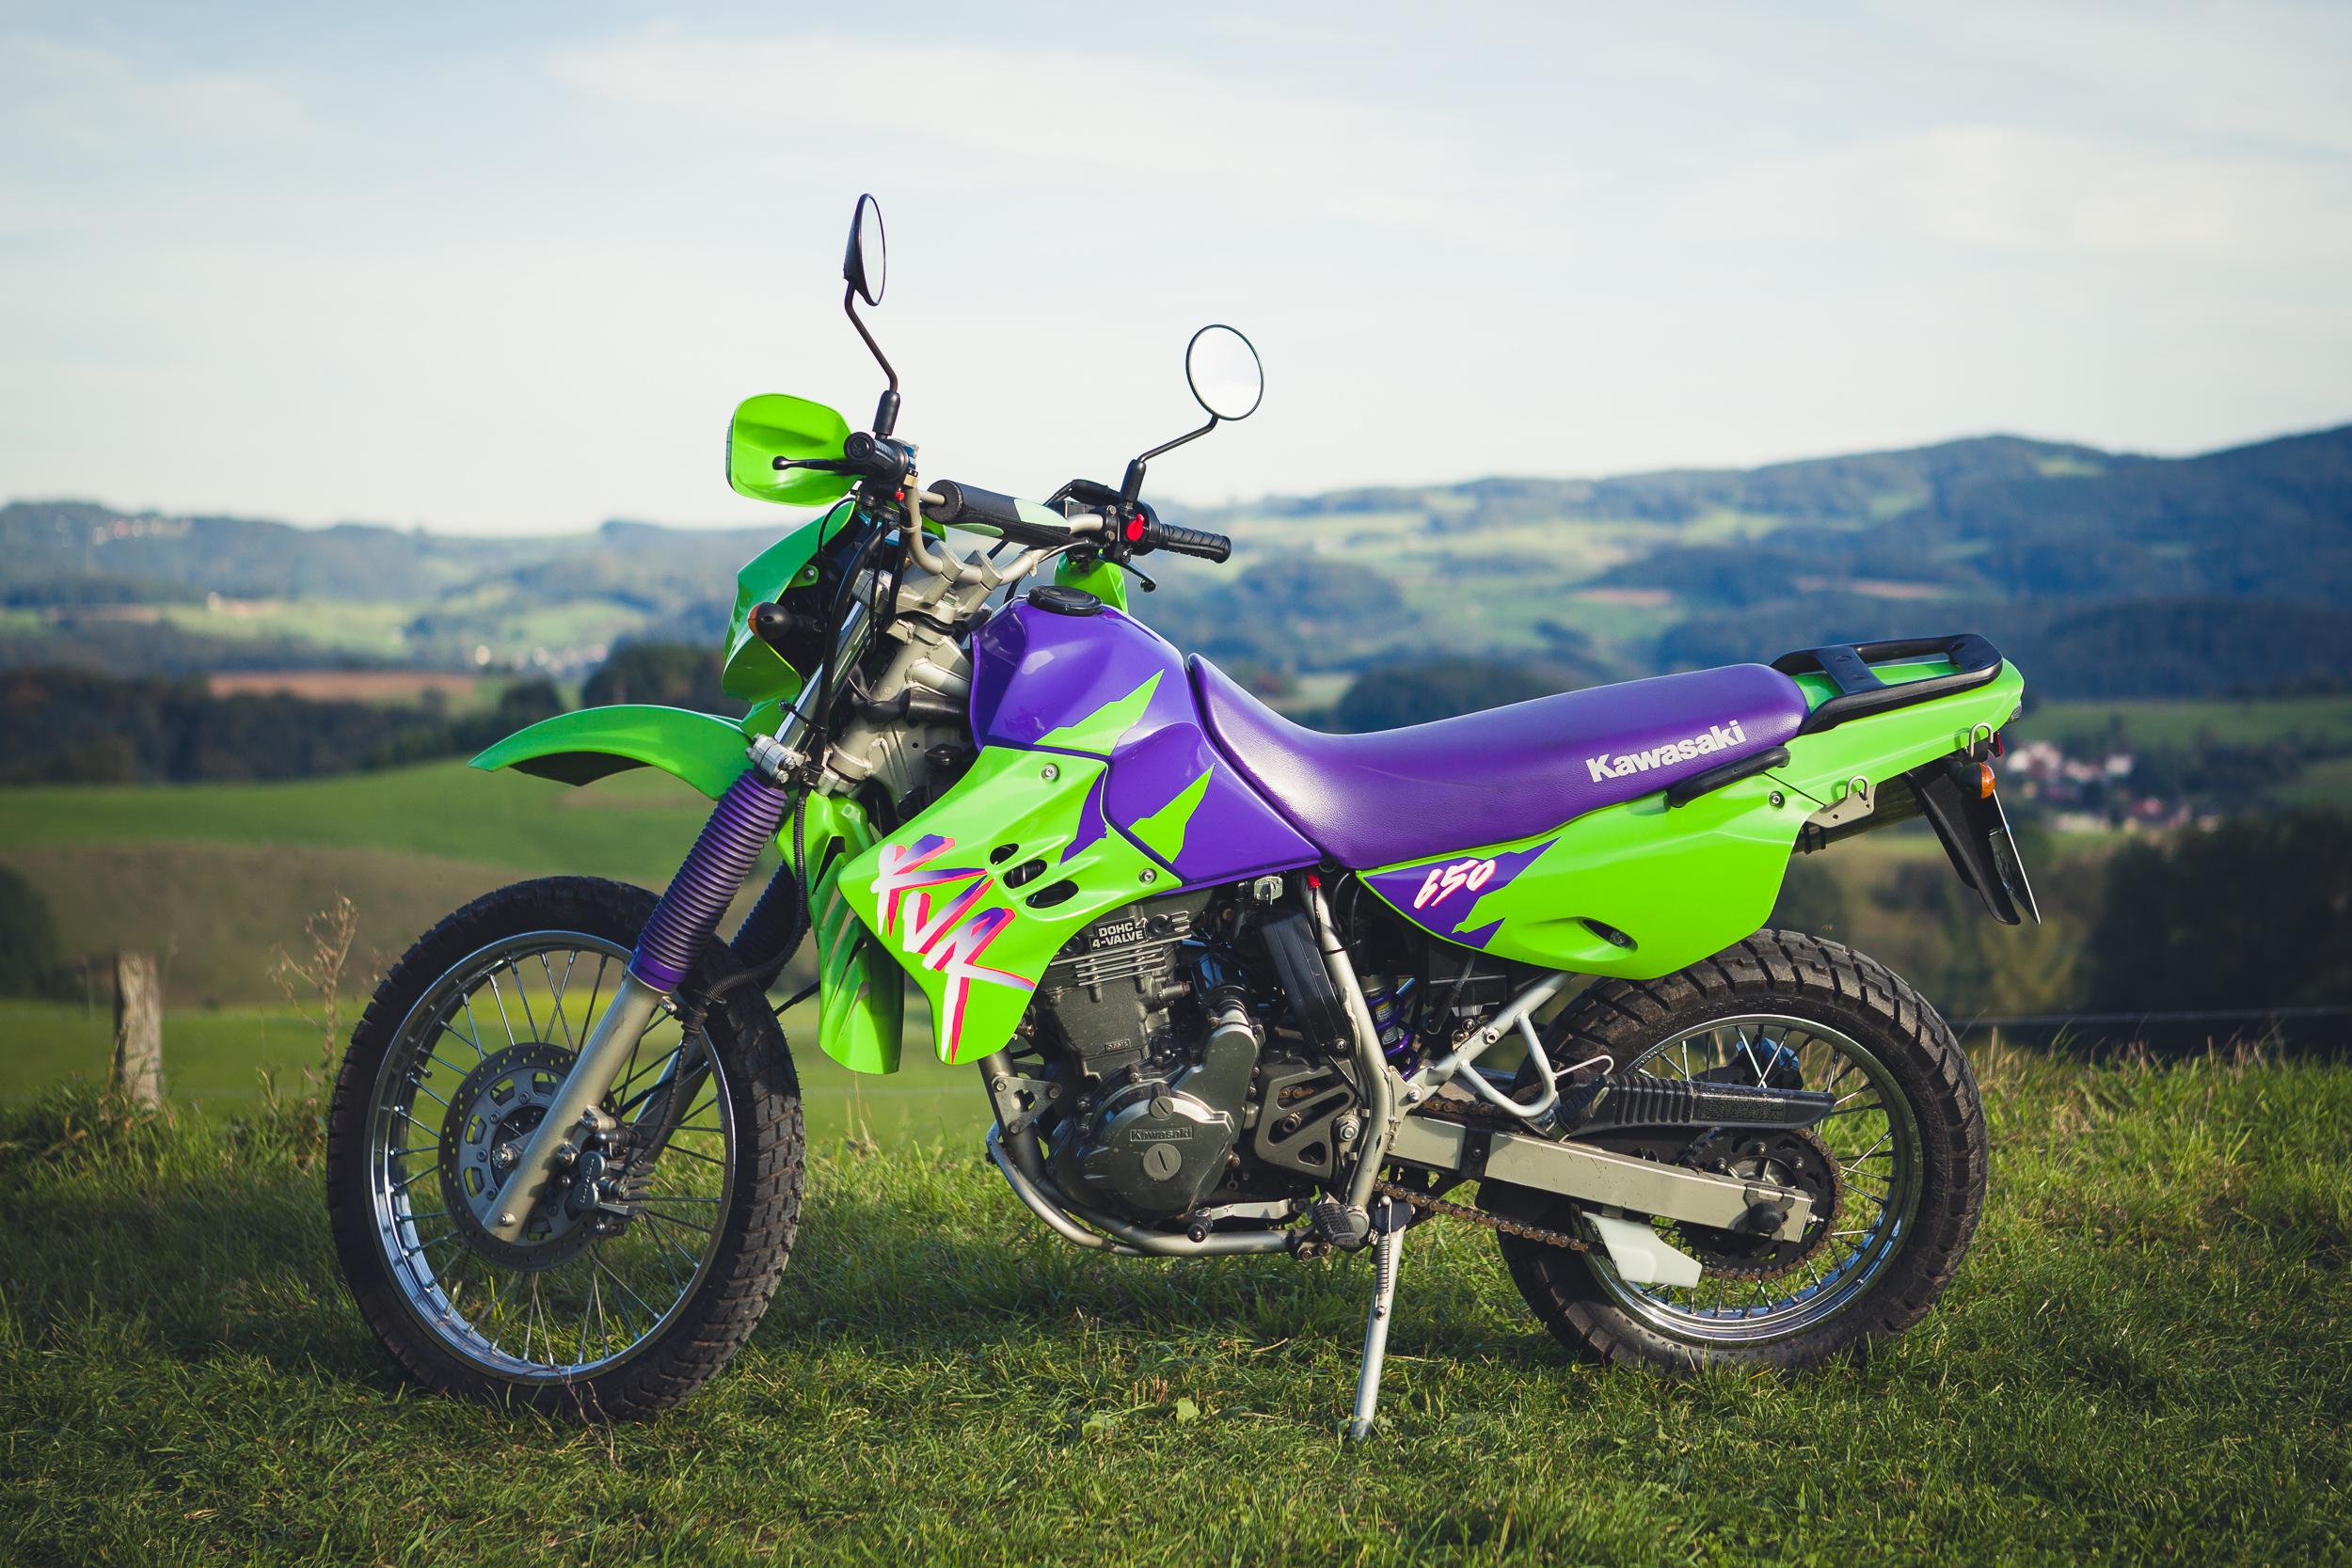 Kawasaki-HD-131003-0013